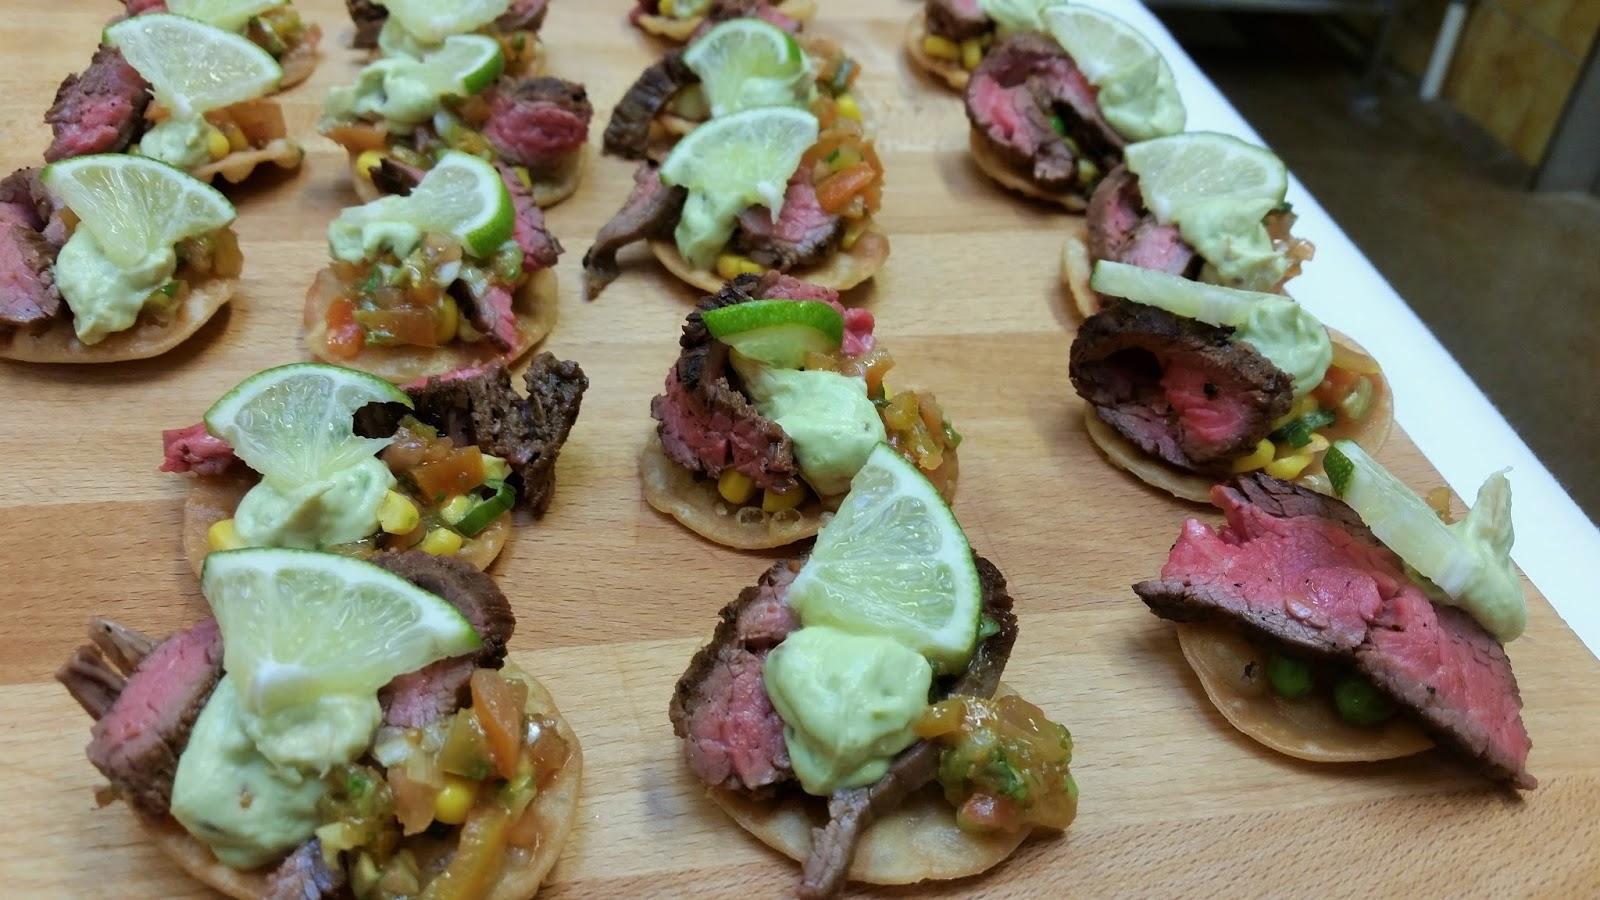 Tostados med flank steak, salsa, majs salat og avocado creme